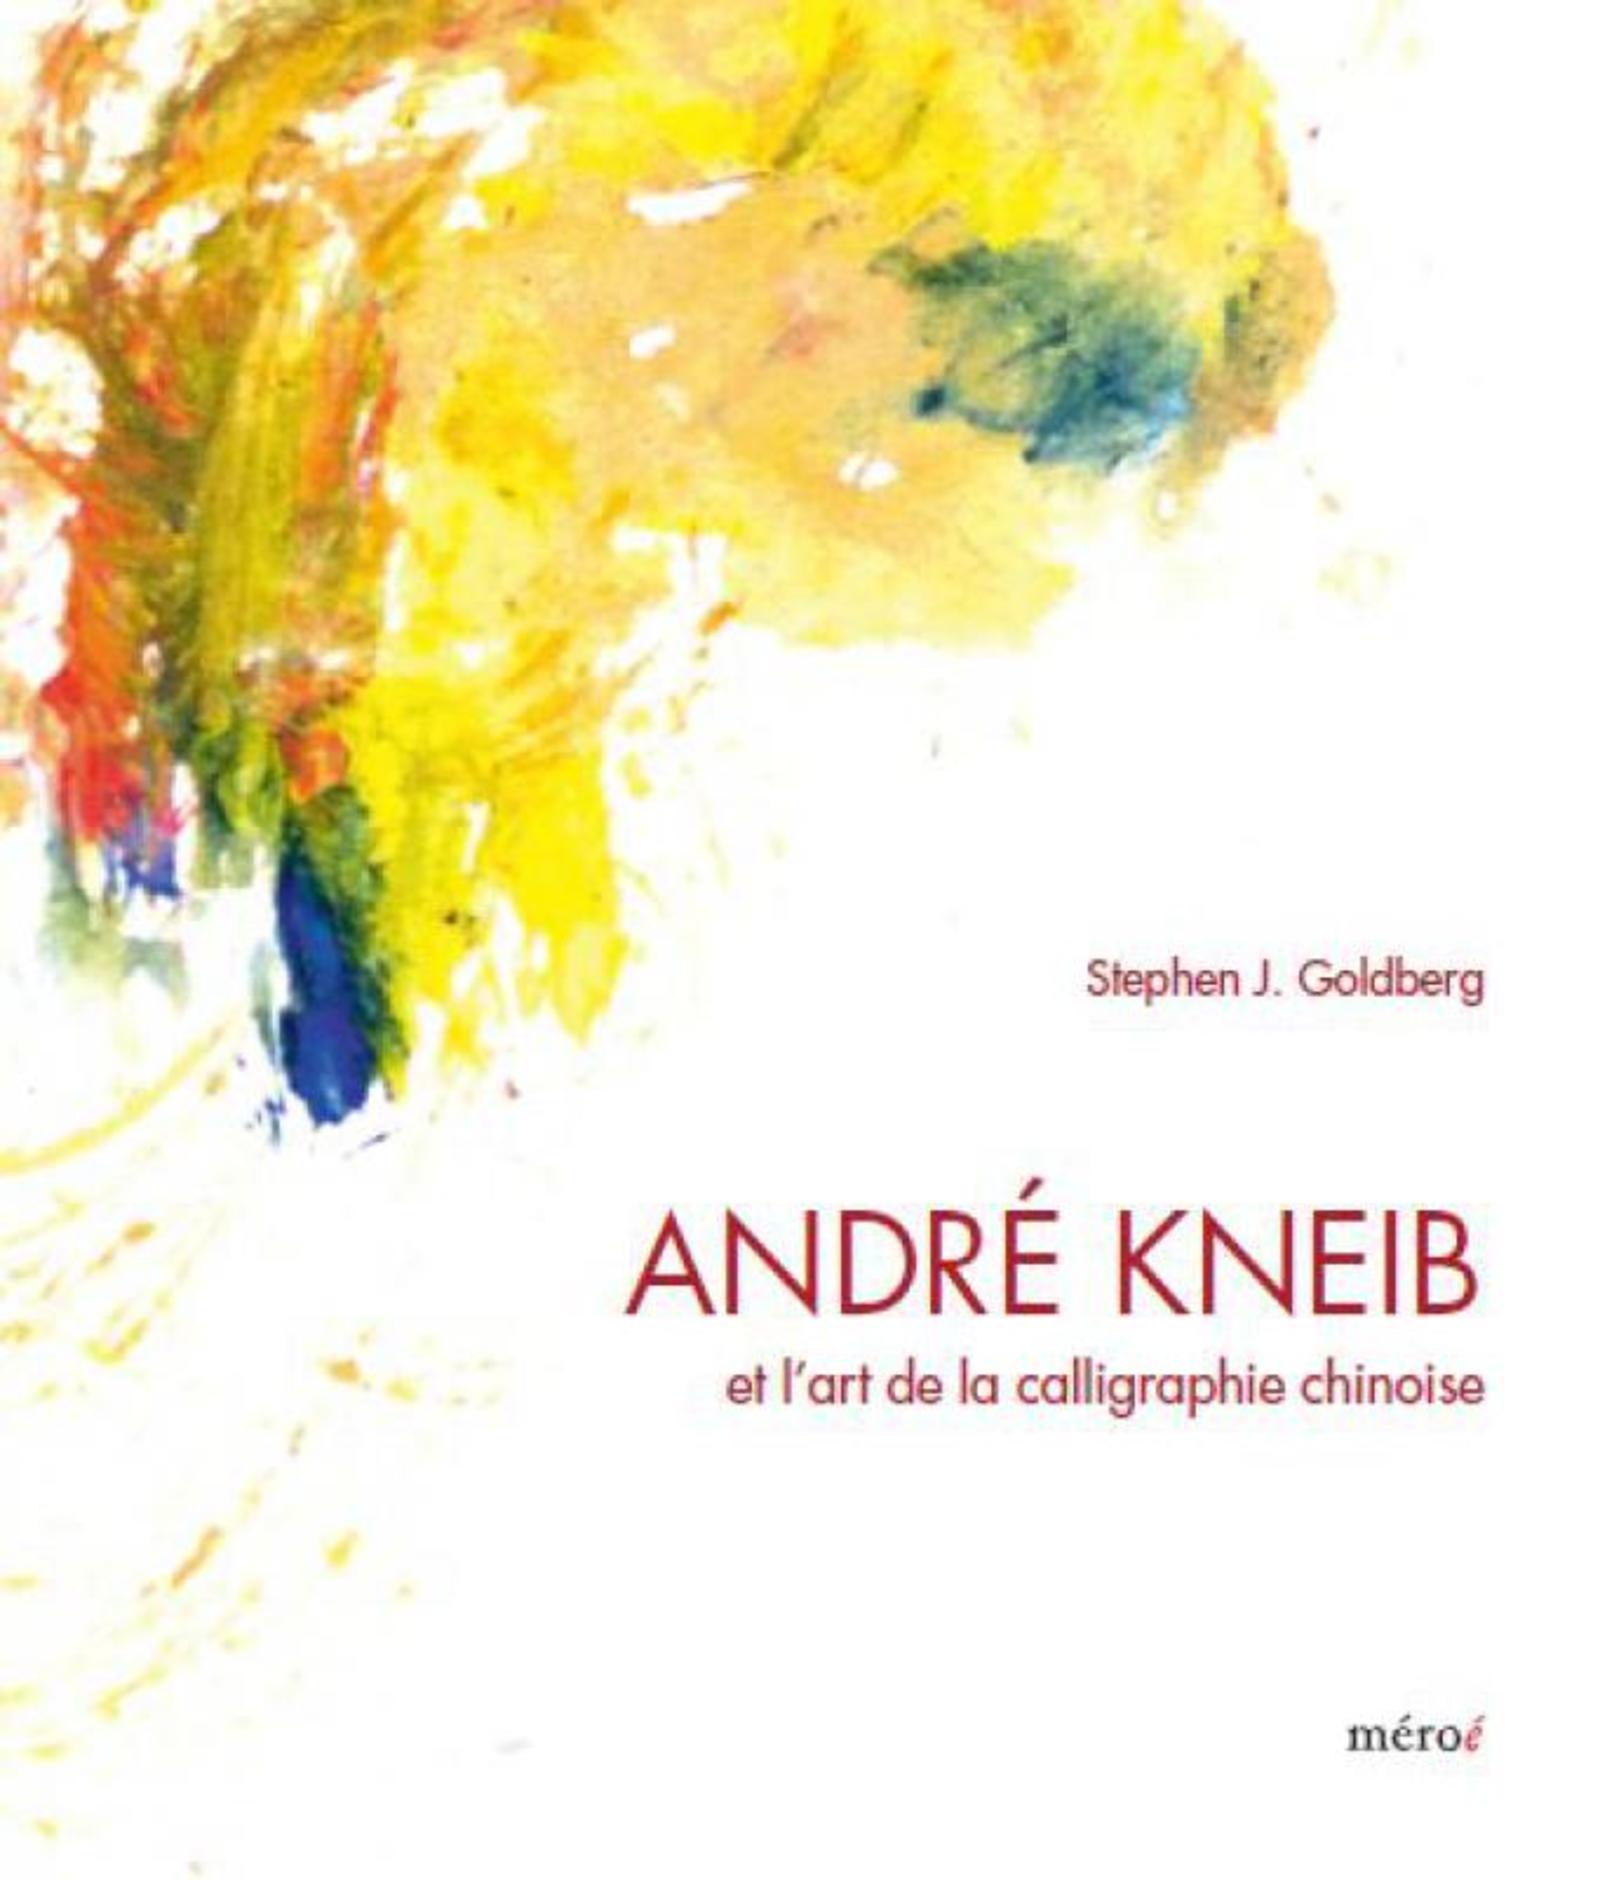 ANDRE KNEIB ET L'ART DE LA CALLIGRAPHIE CHINOISE (OUVRAGE RELIE)